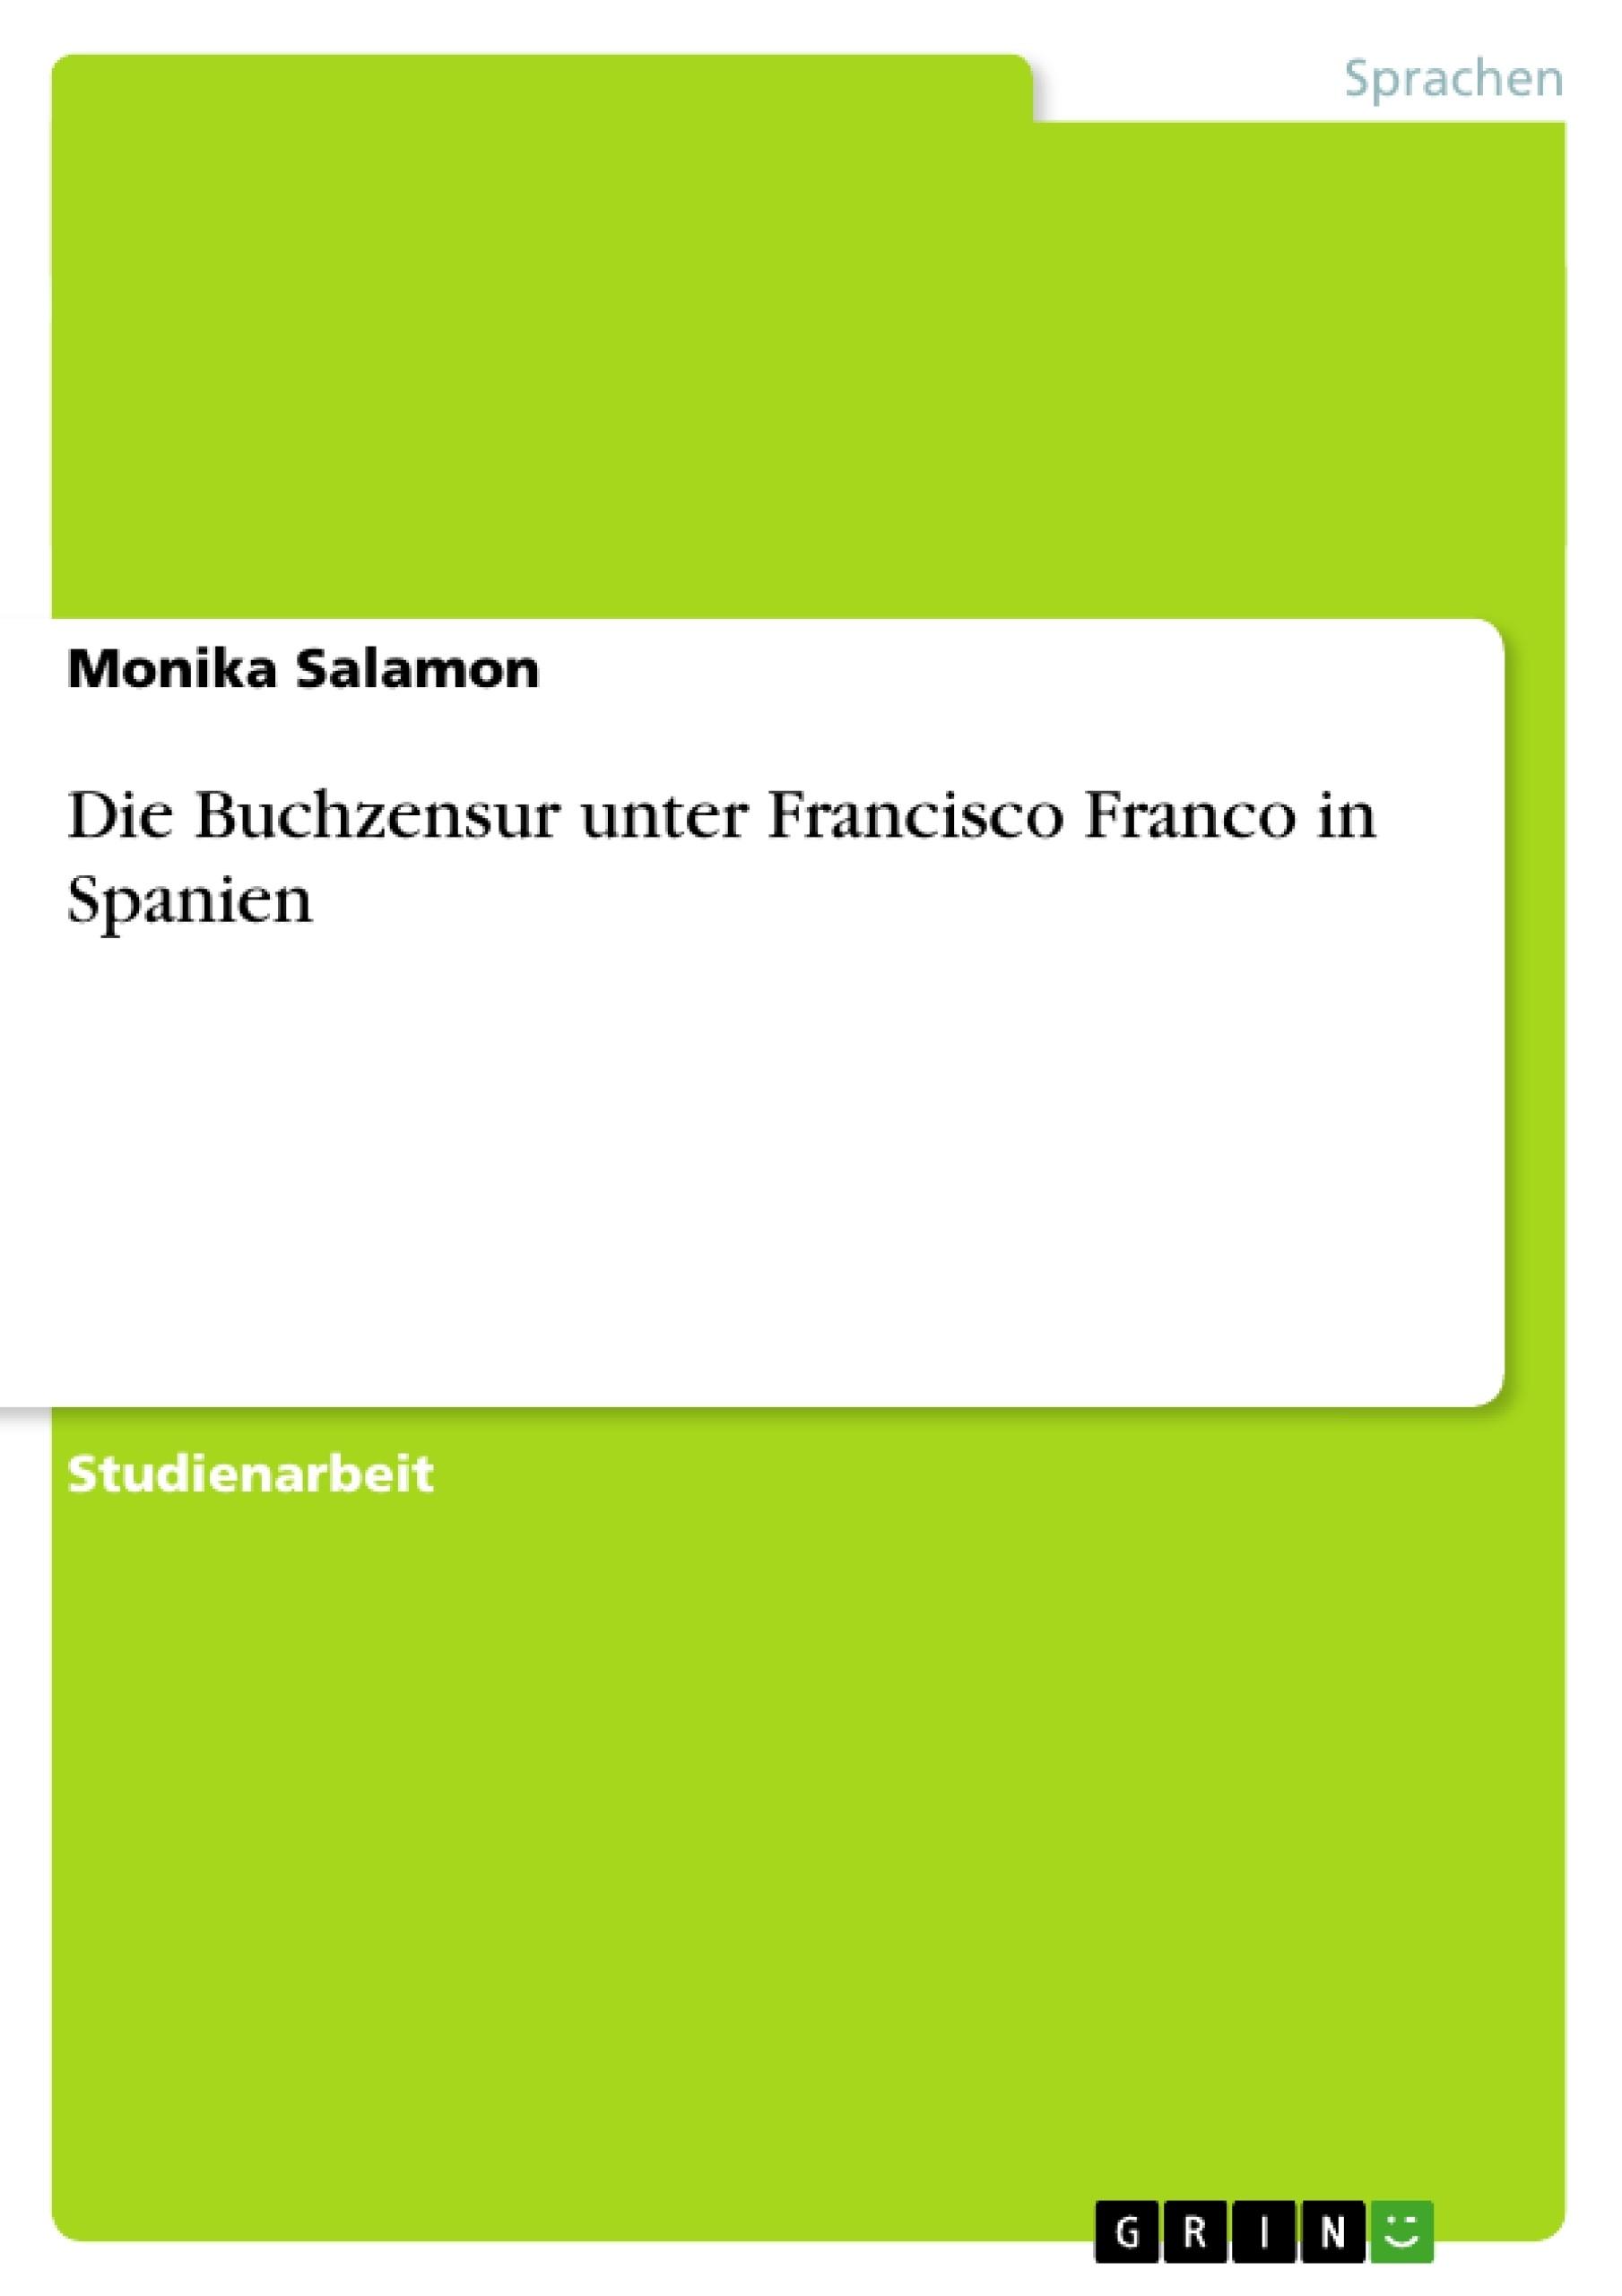 Titel: Die Buchzensur unter Francisco Franco in Spanien